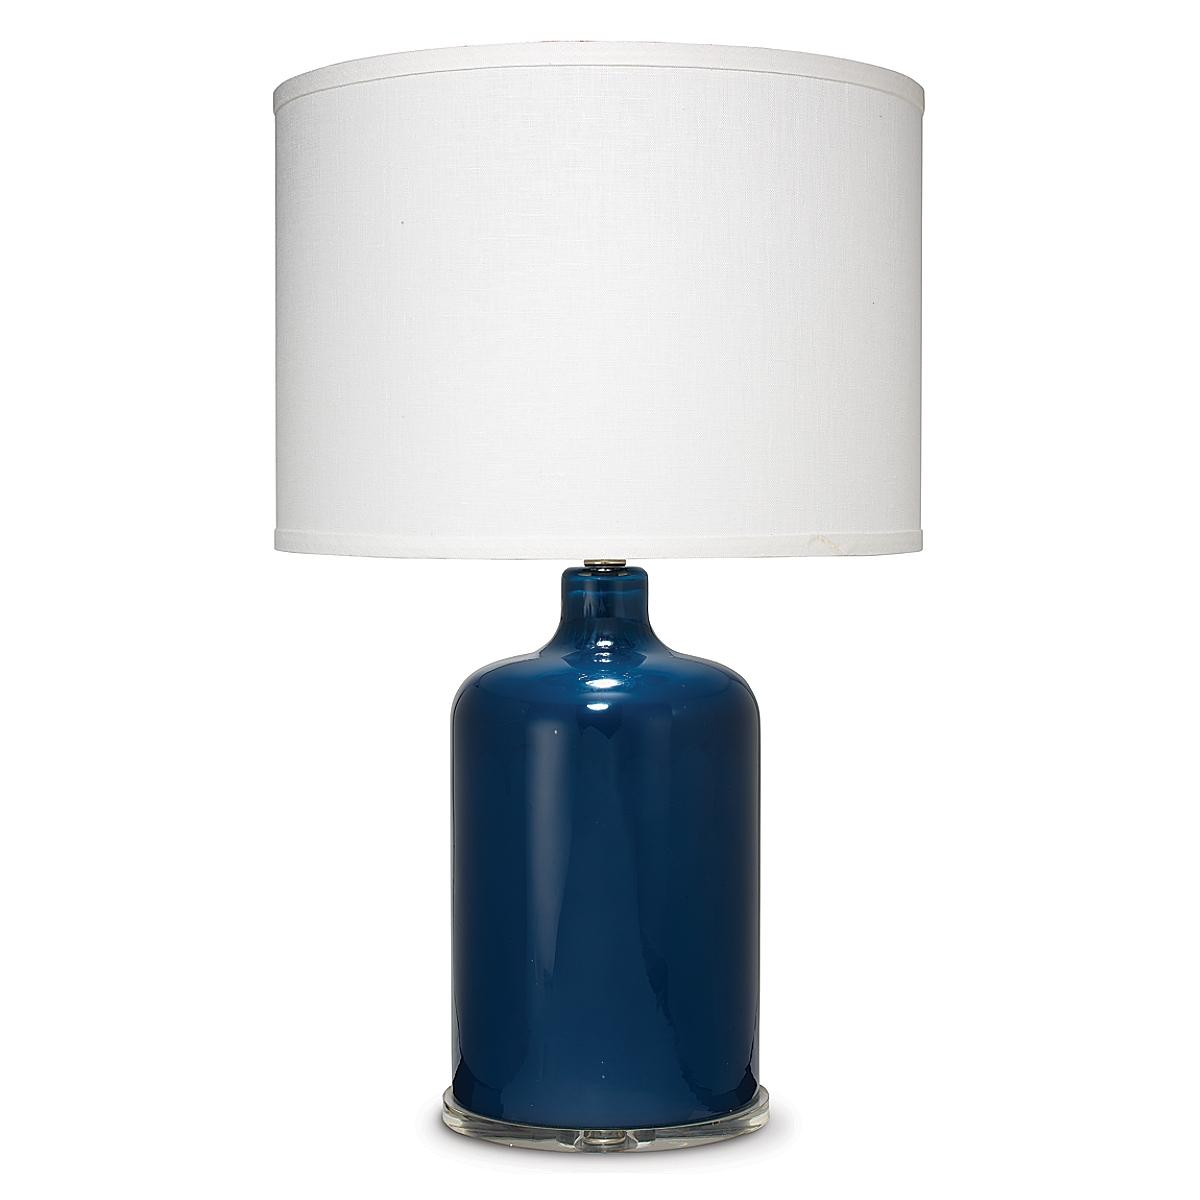 Napa Table Lamp-Navy